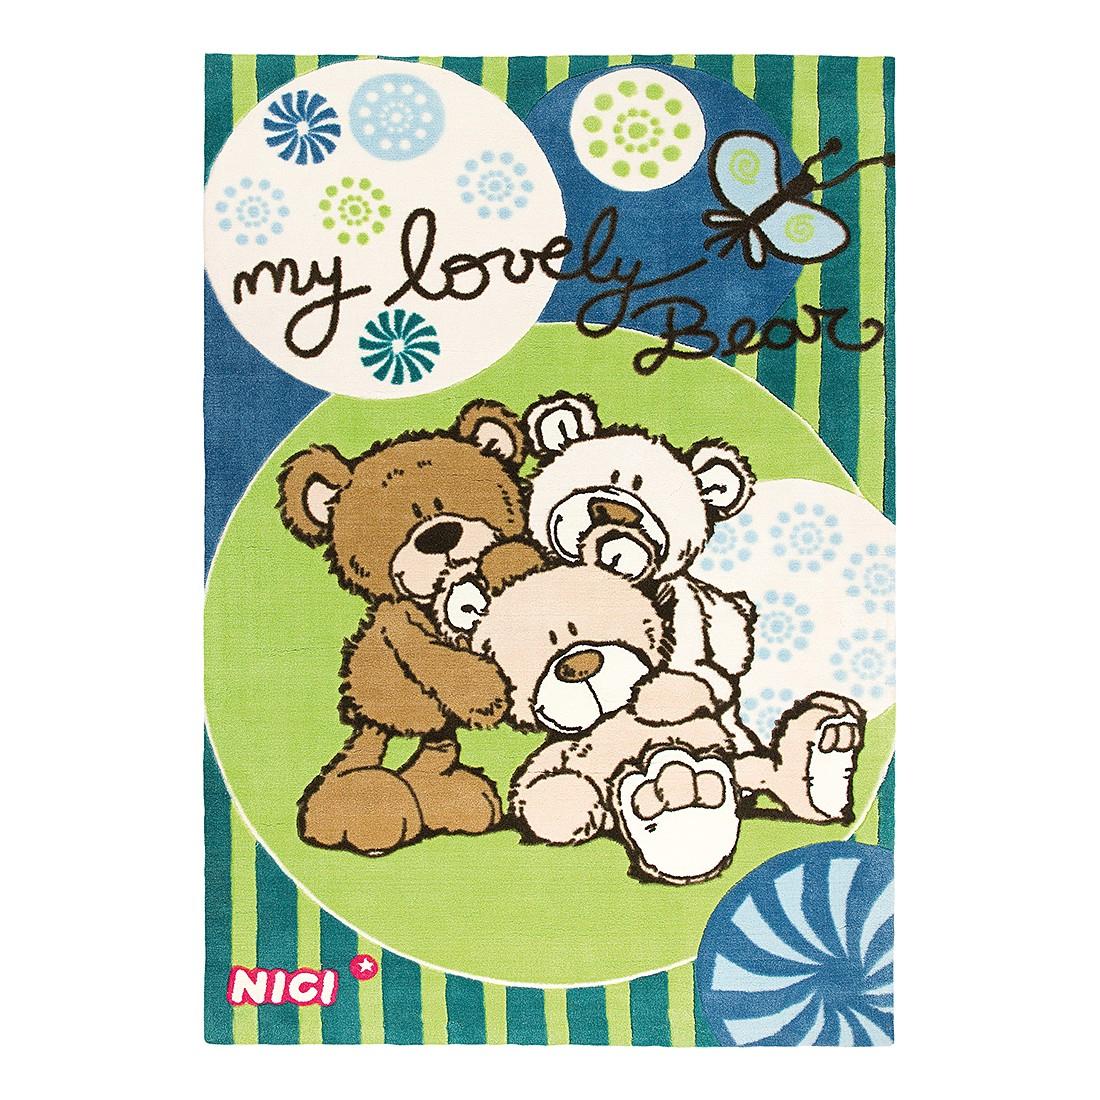 Teppich Lovely Bear – Grün/Blau, Nici günstig online kaufen